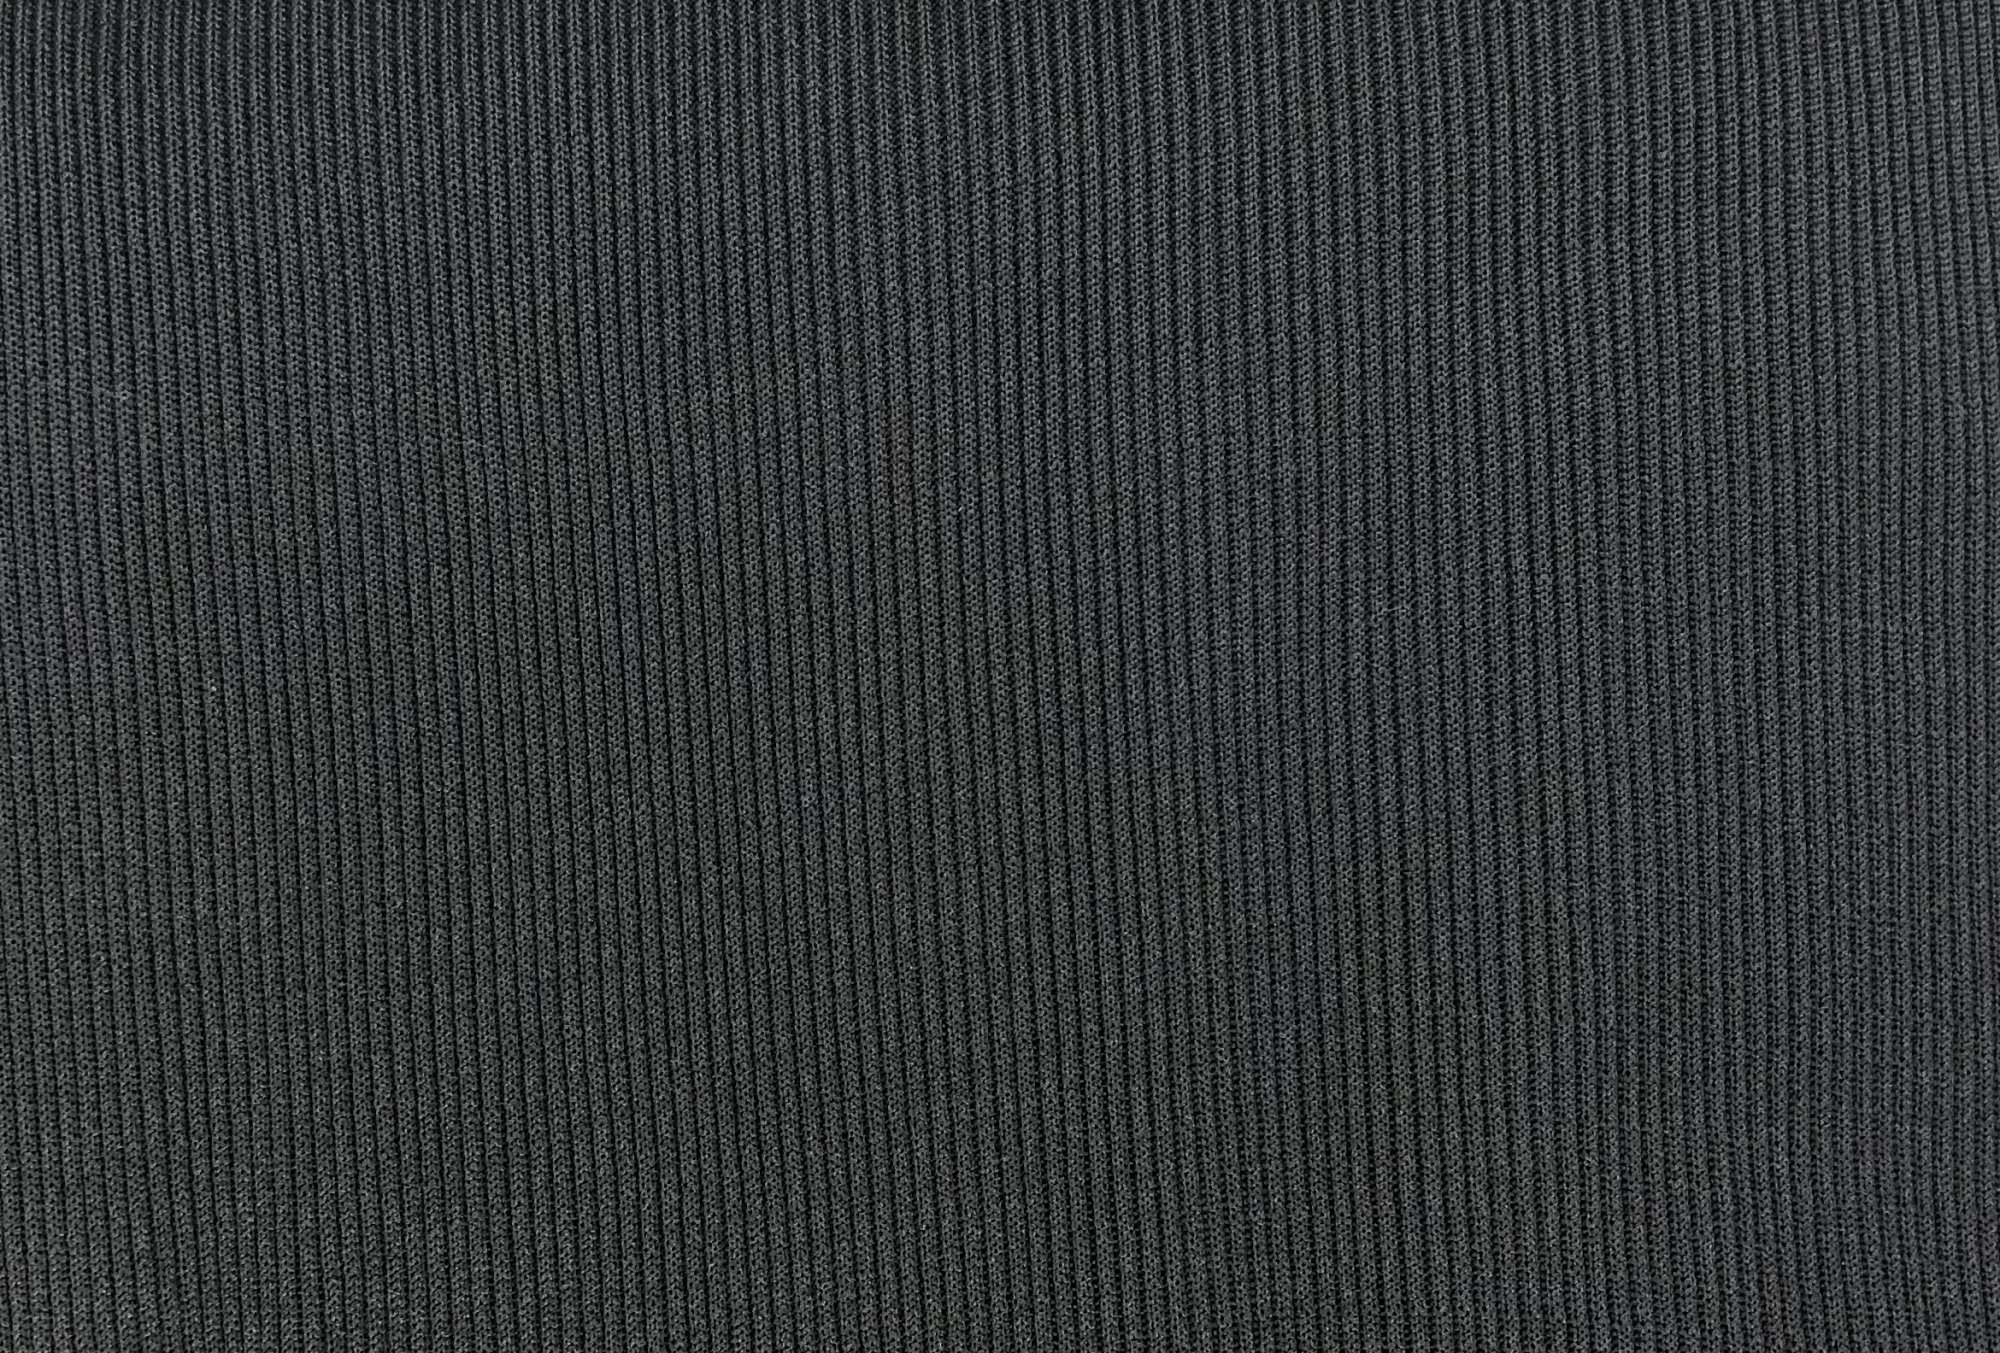 Ribbing Poly Tube Black - 29cm (11.4)